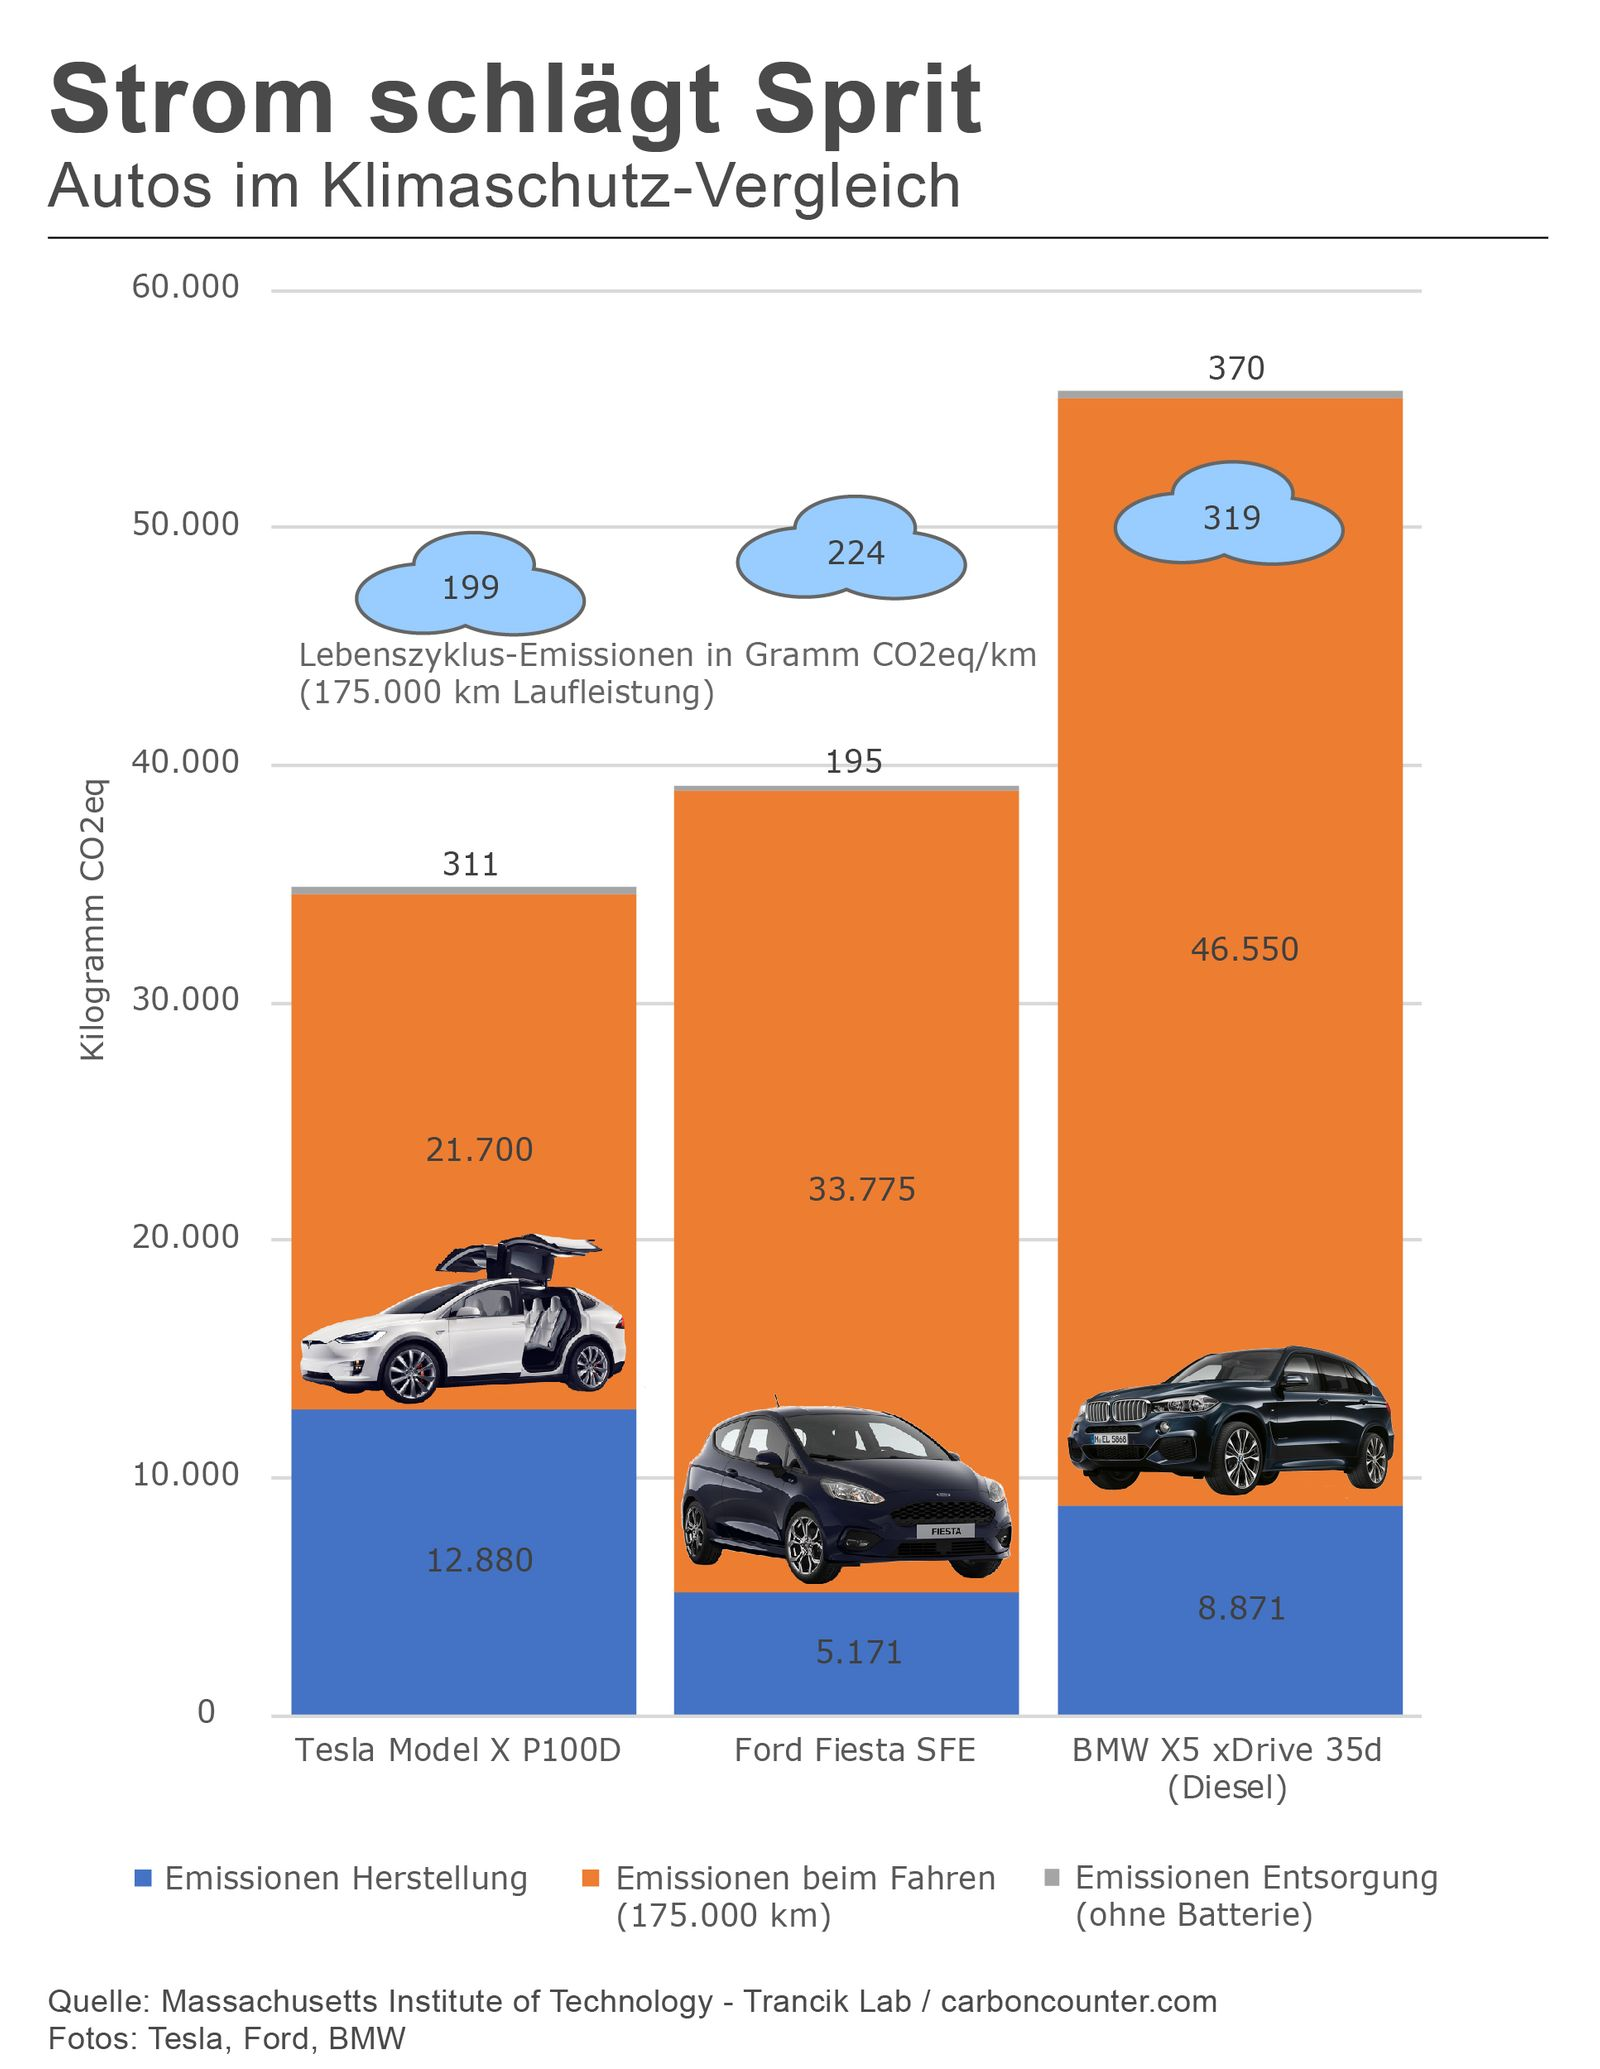 GRAFIK Strom schlägt Sprit - Autos im Klimaschutz-Vergleich